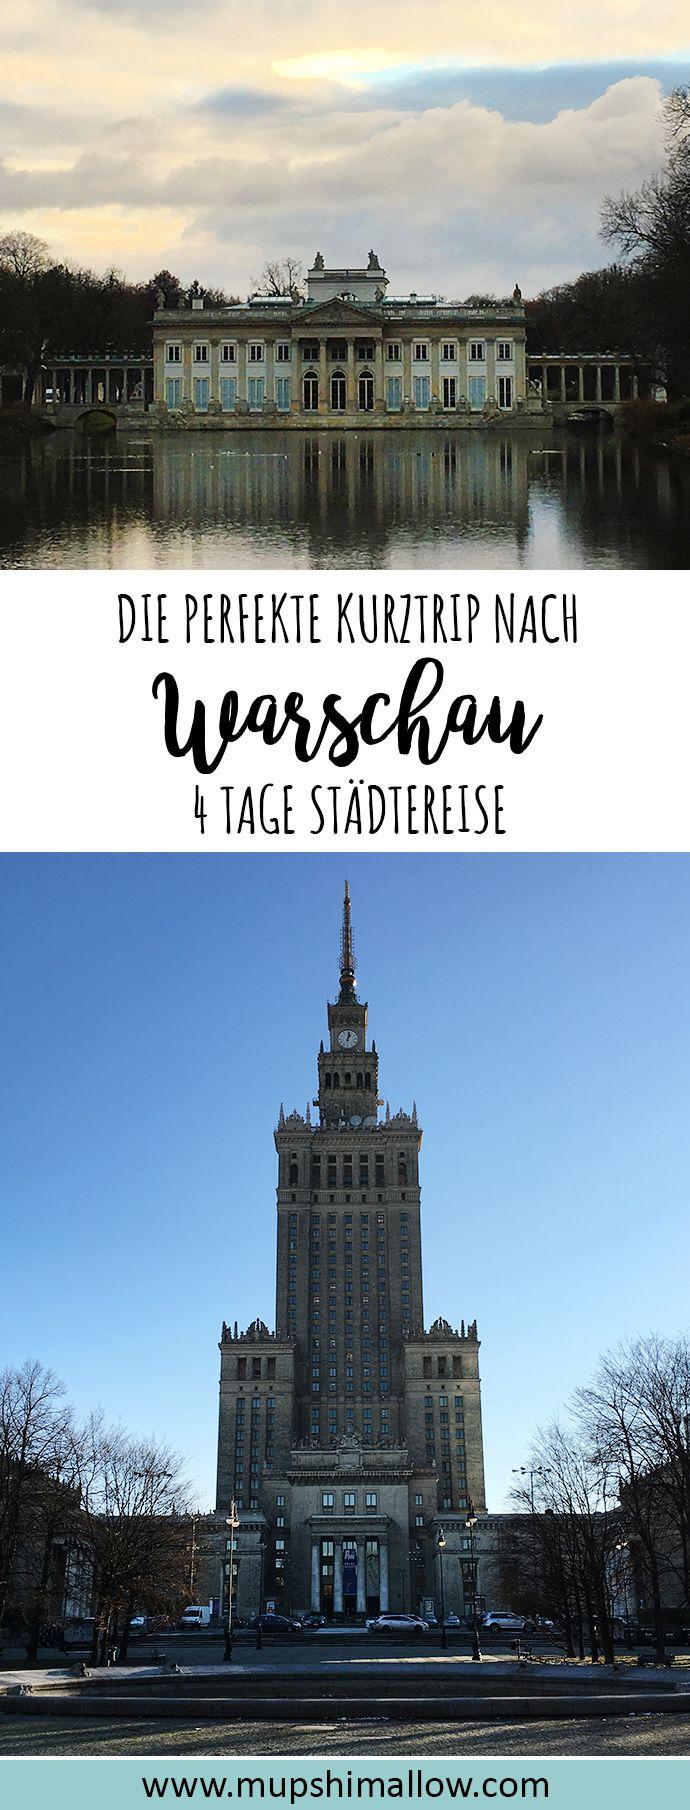 72 Stunden in Warschau - Ein Reisebericht